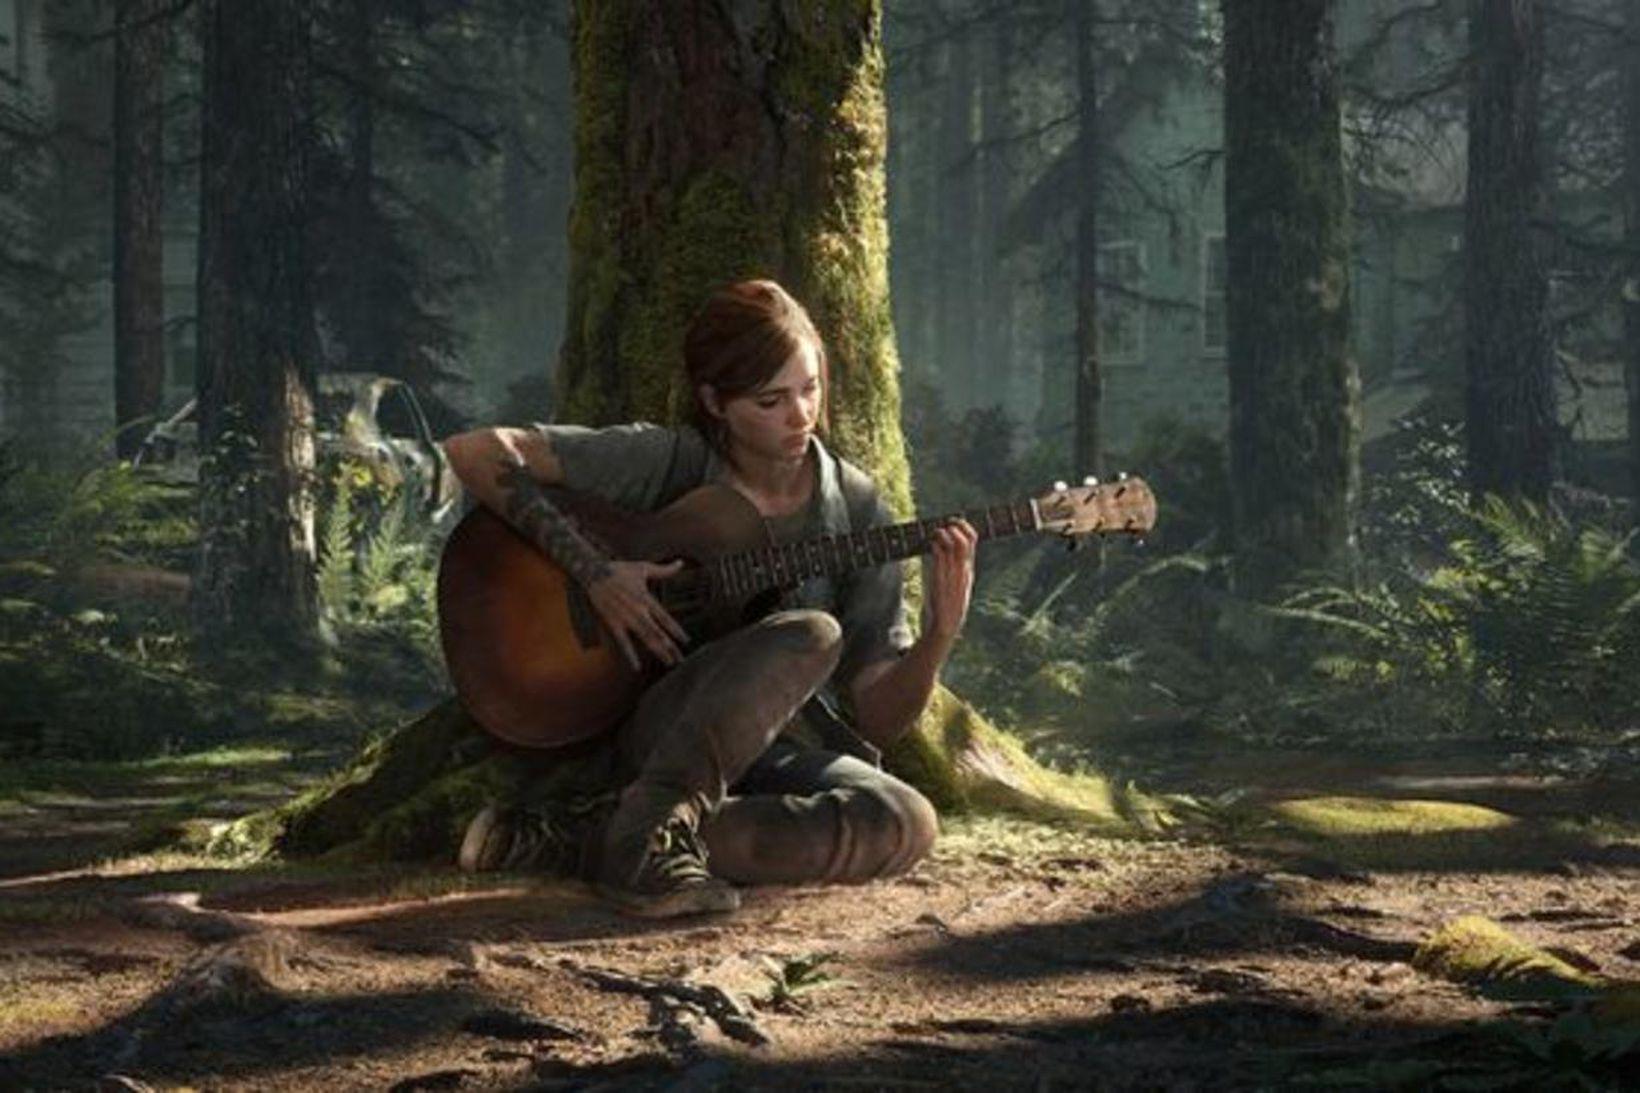 Skjáskot úr tölvuleiknum The Last of Us.